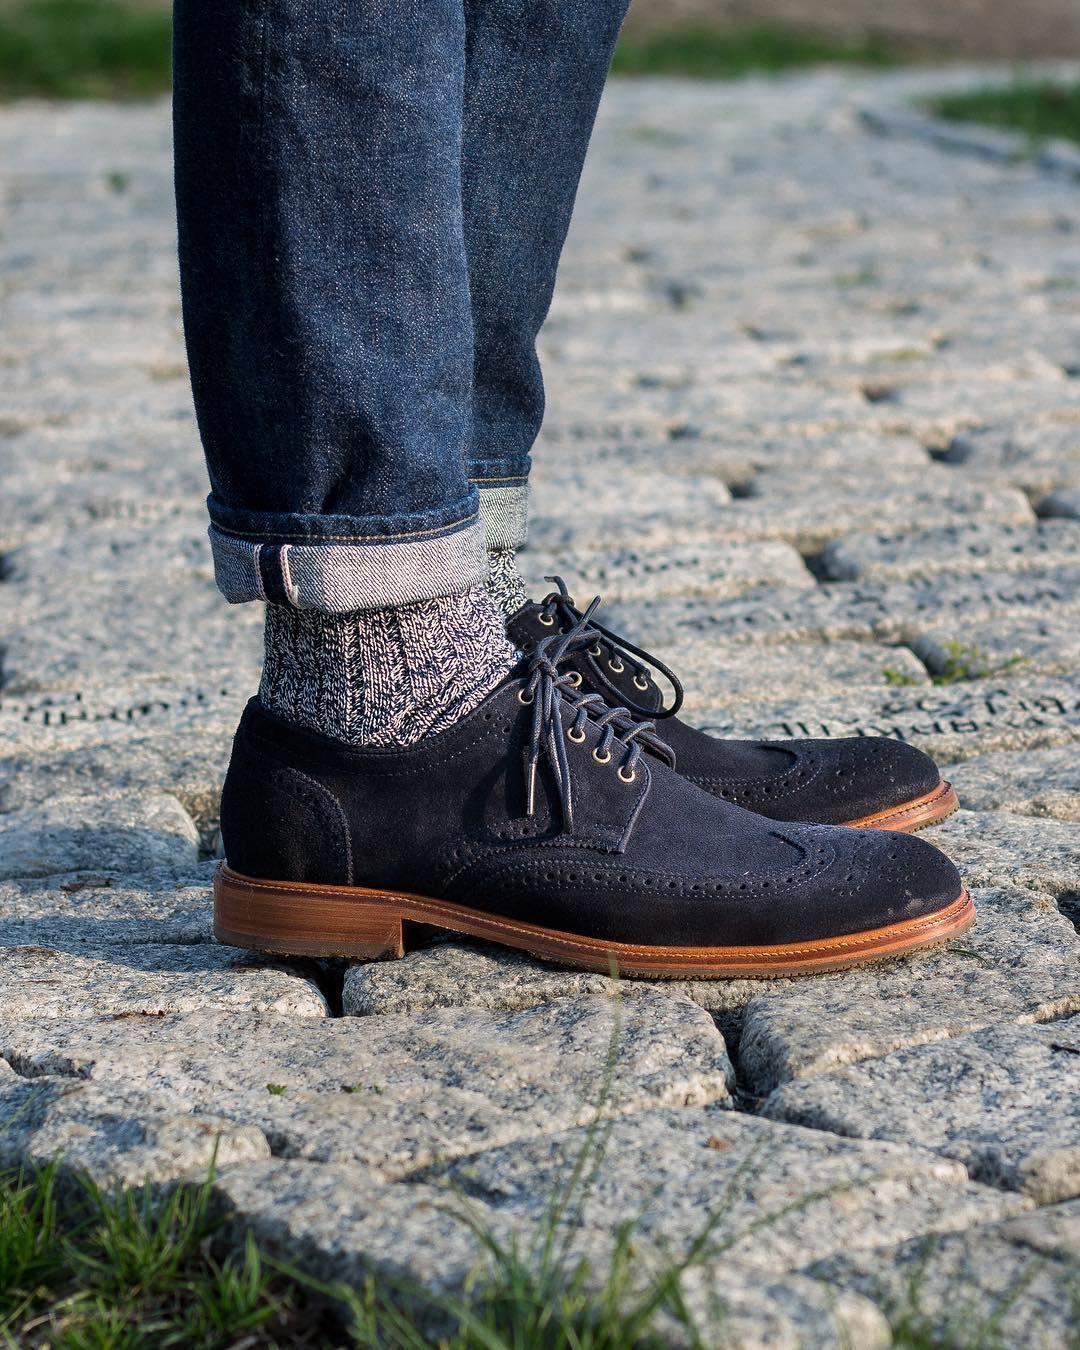 Feeling blue.📷 newenglandmenswear Dress shoes men